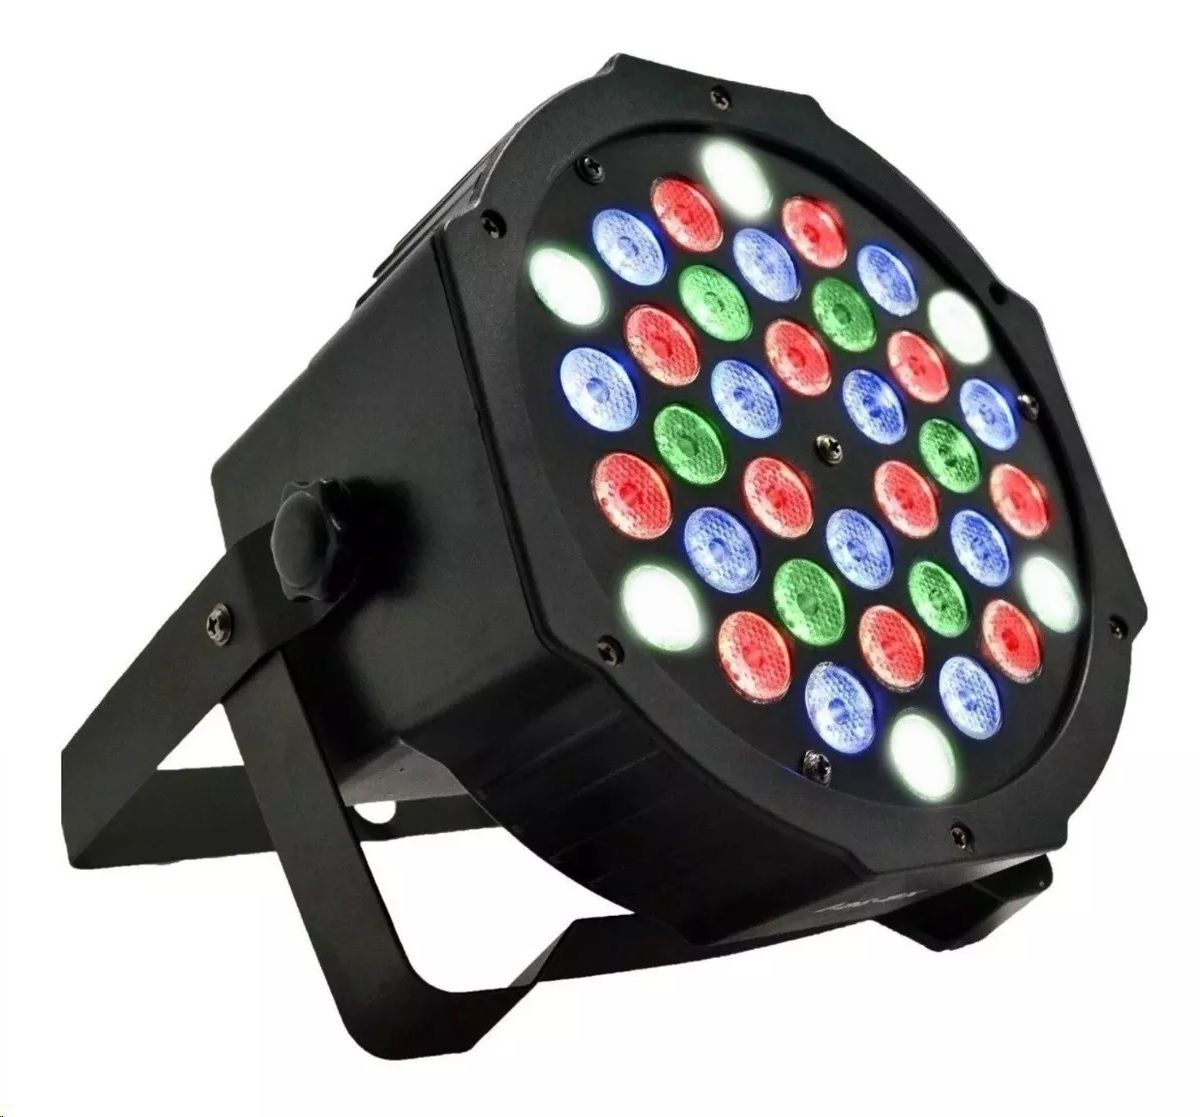 Kit 10x Canhão De Luz Led Par 64 Rgb 36 Leds Dmx Digital Strobo Slim